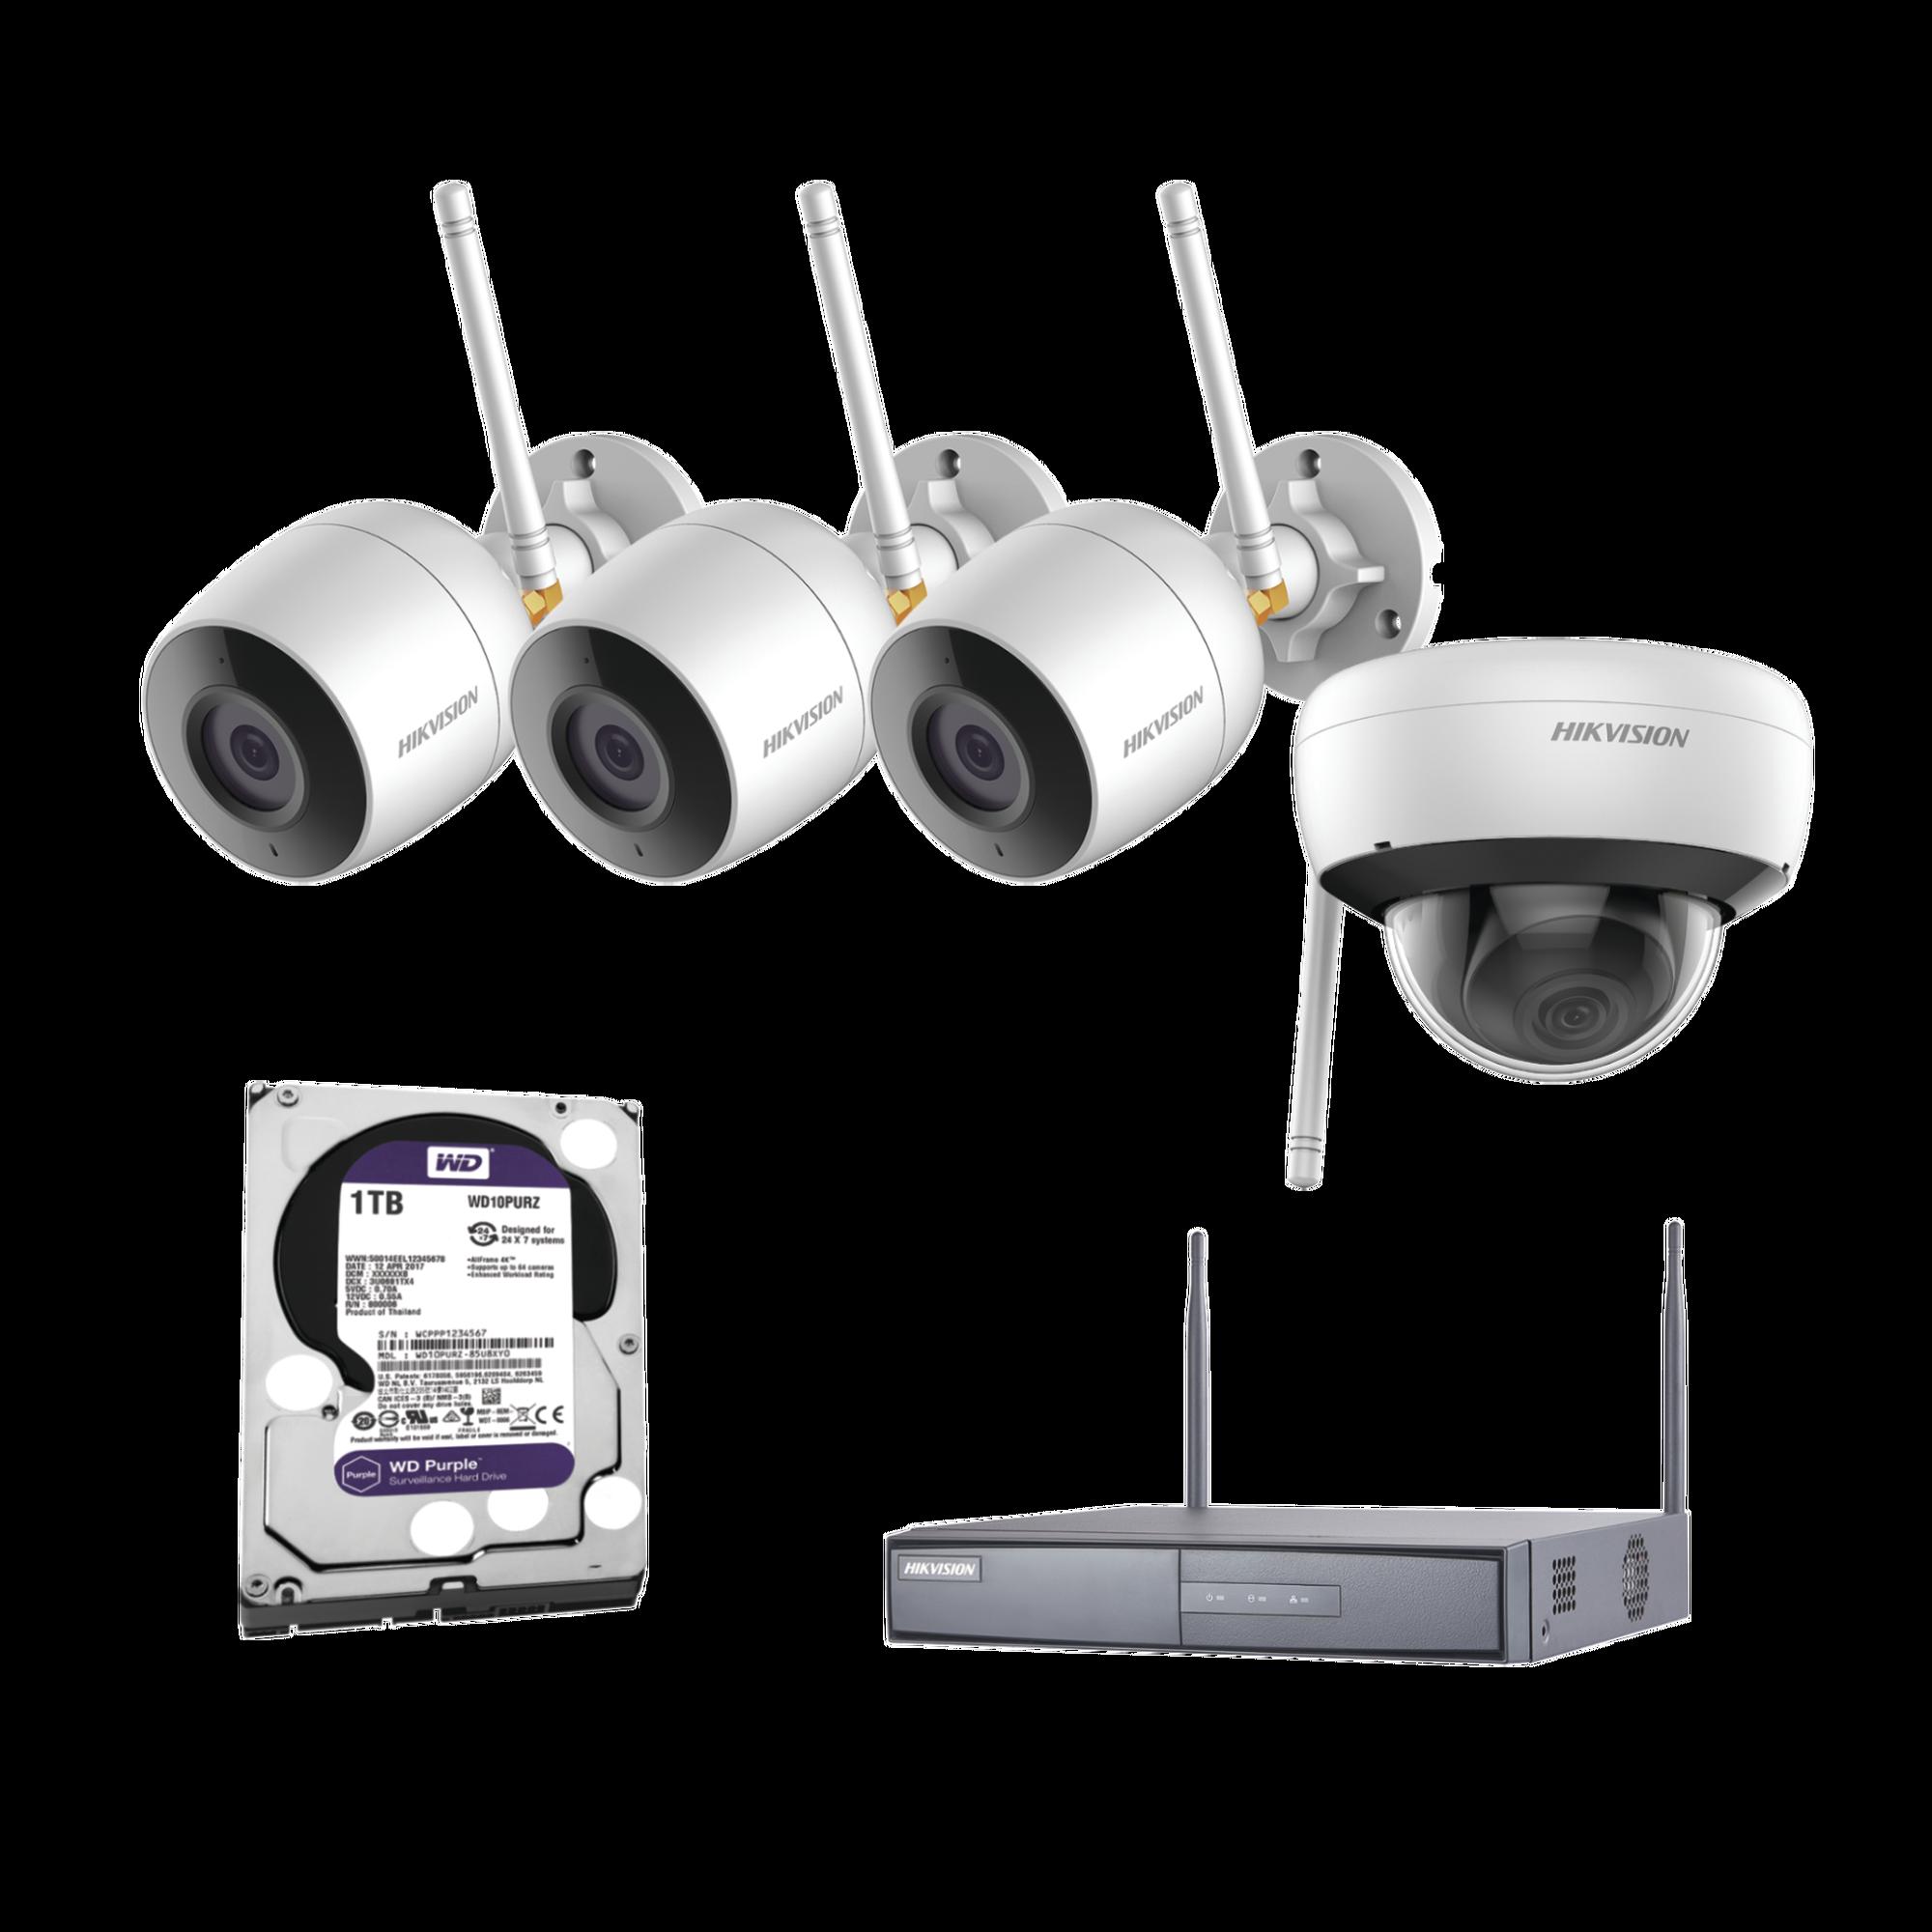 Sistema IP Inalambrico 1080p / NVR 4 Canales / 3 Cámaras bala (exterior IP66) con microfono interconstruido / 1 Cámara domo (exterior IP66) / 1 Disco duro